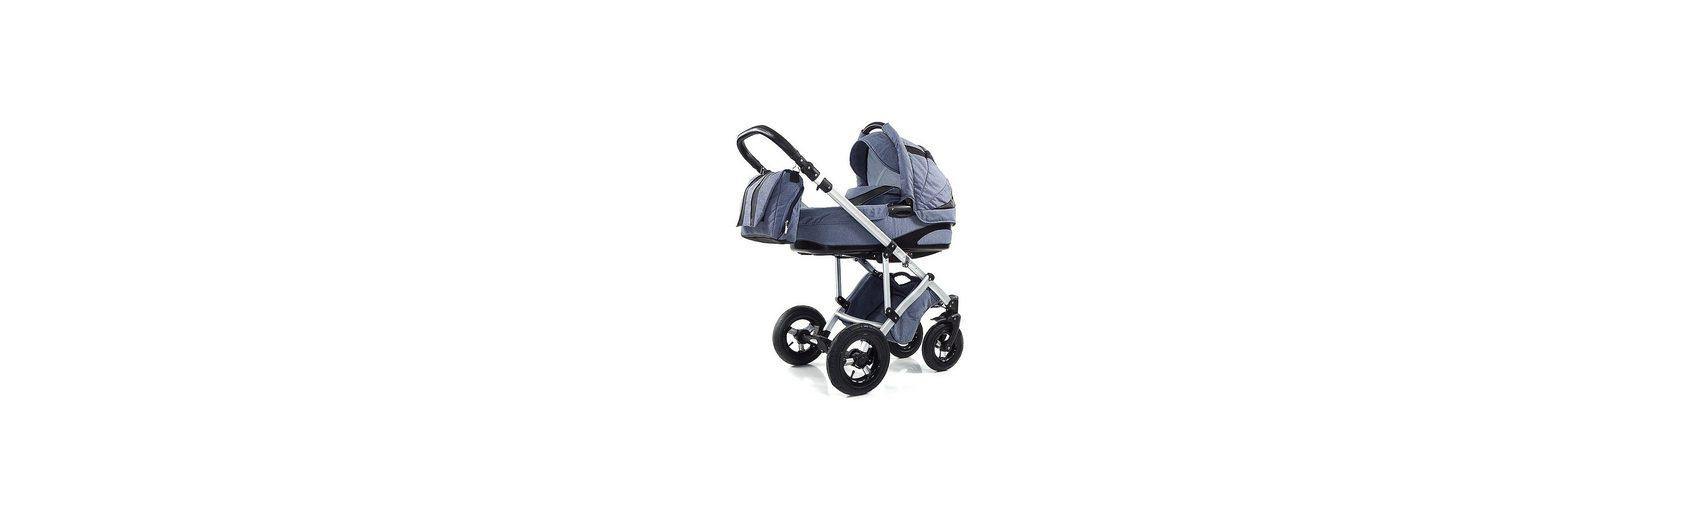 knorr-baby Kombi Kinderwagen NoXXter mit Wickeltasche, jeans